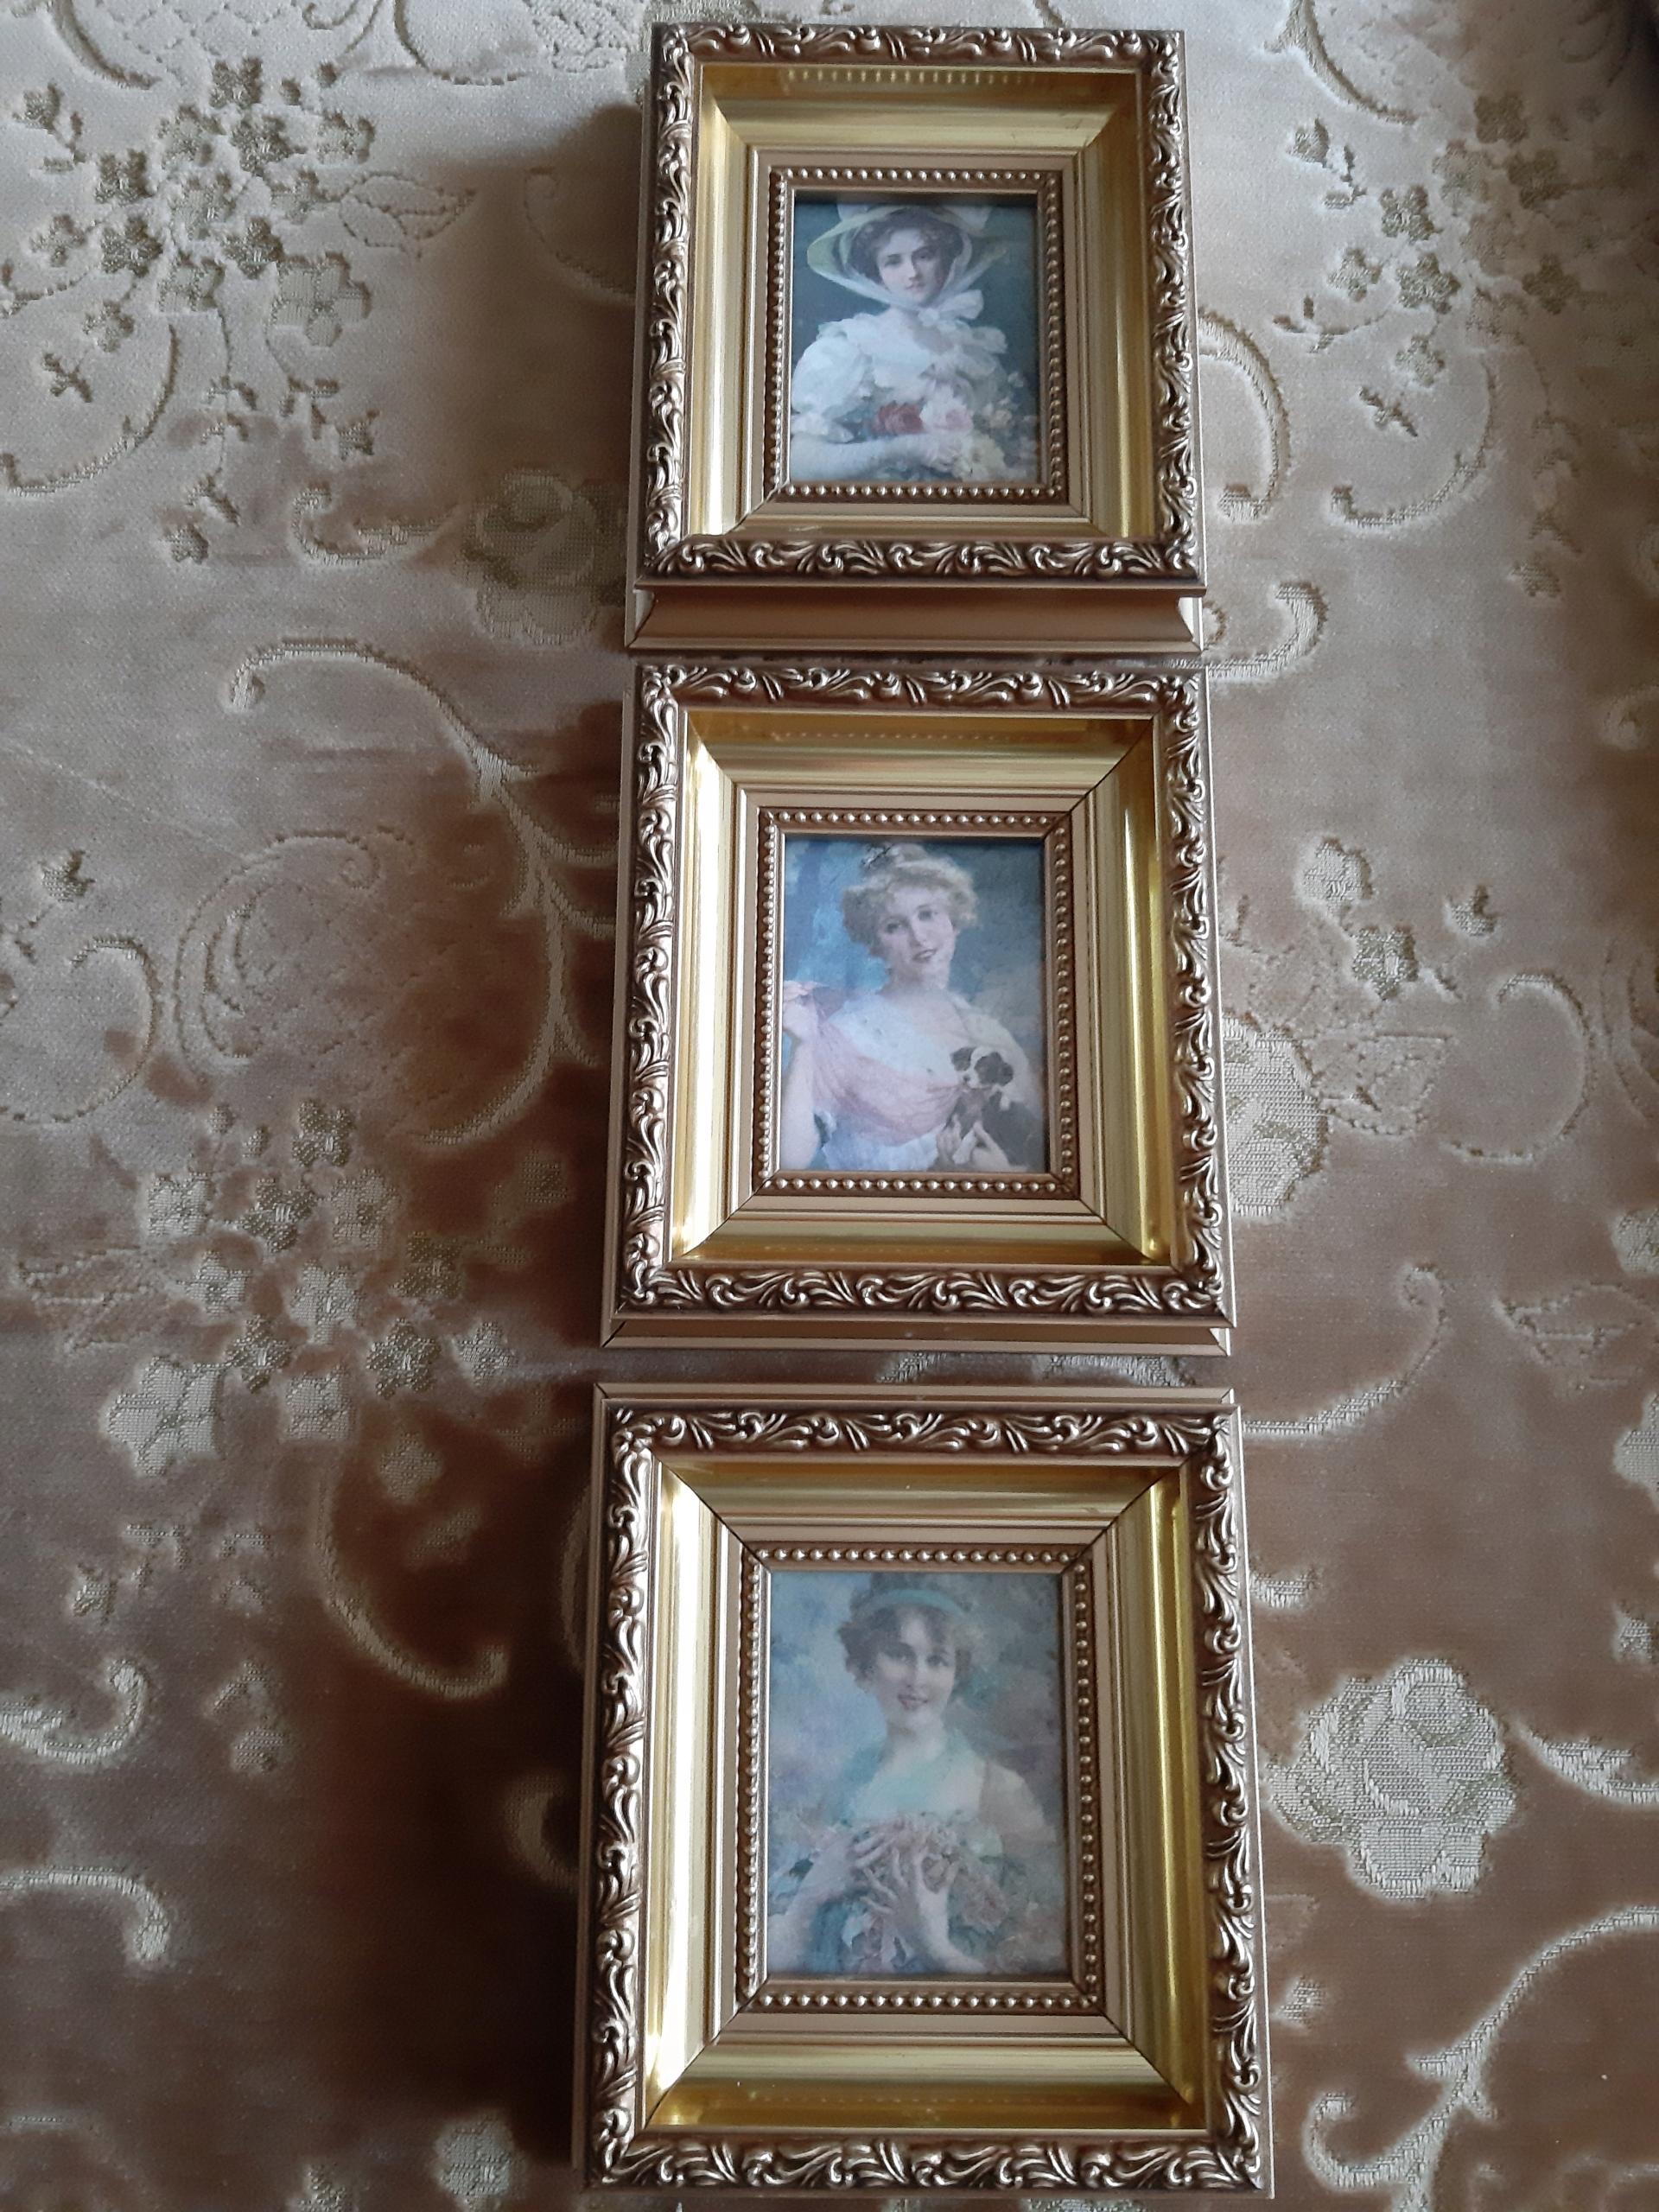 Obraz Obrazek Miniaturka Portret Kobieta 1517 Cm